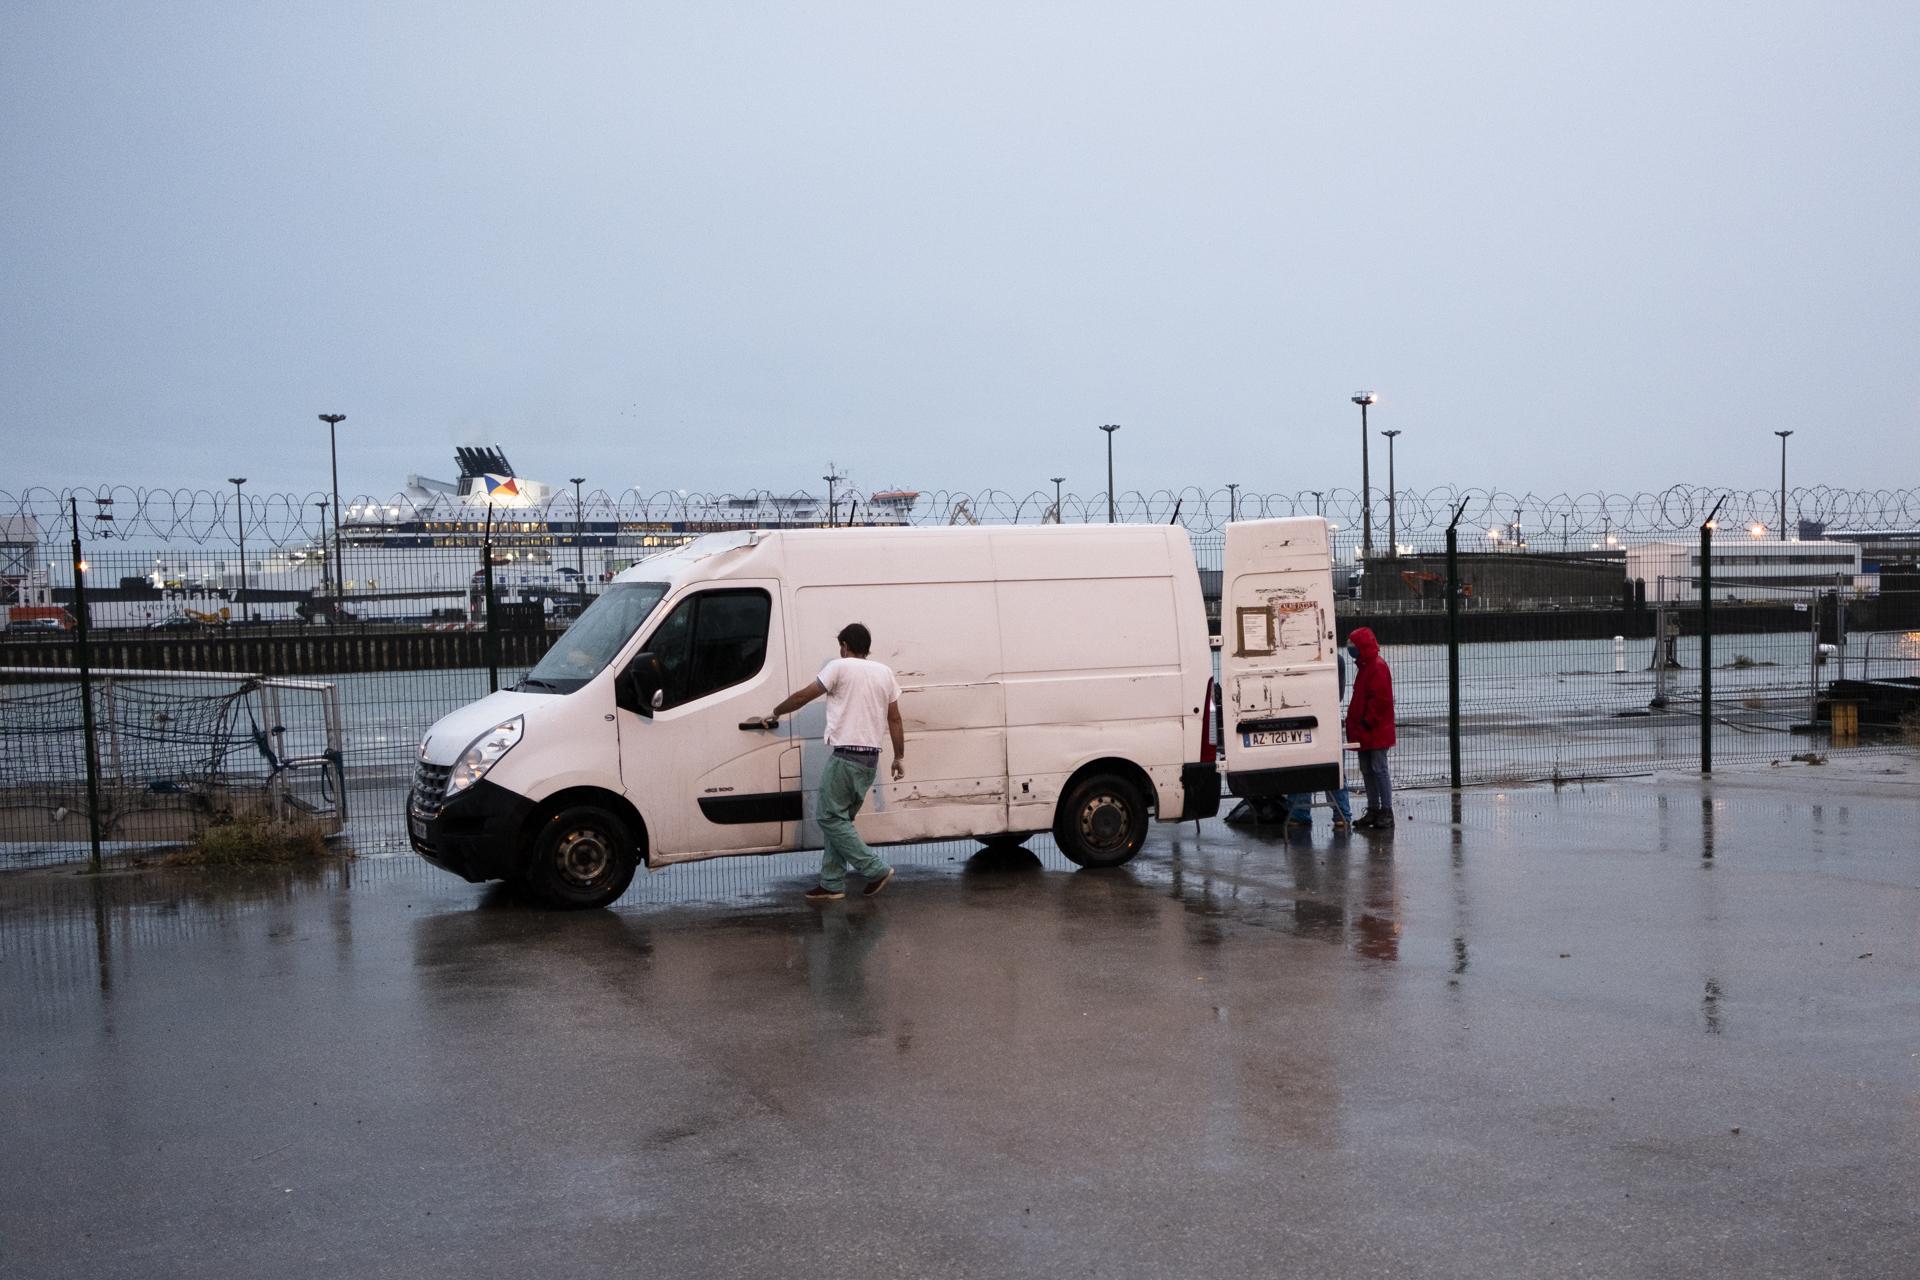 Chassés du centre-ville, harcelés en périphérie: le calvaire des exilés de Calais